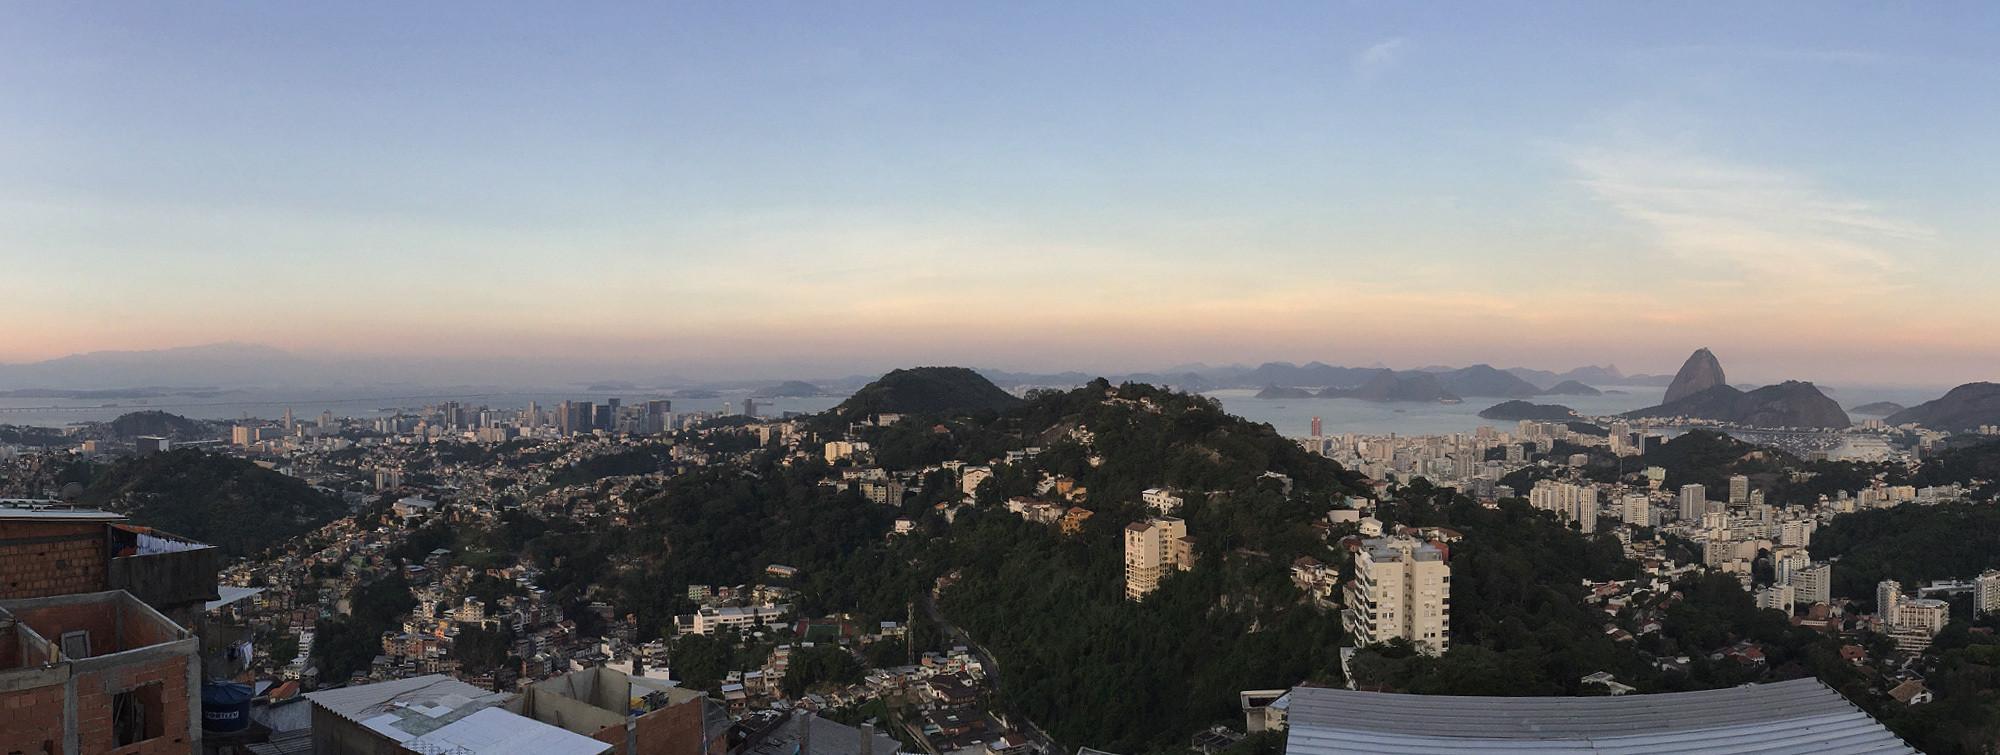 Rio de Janeiro entra para o calendário internacional de arquitetura com o Fórum Rio Academy, Cortesia de Fórum Rio Academy